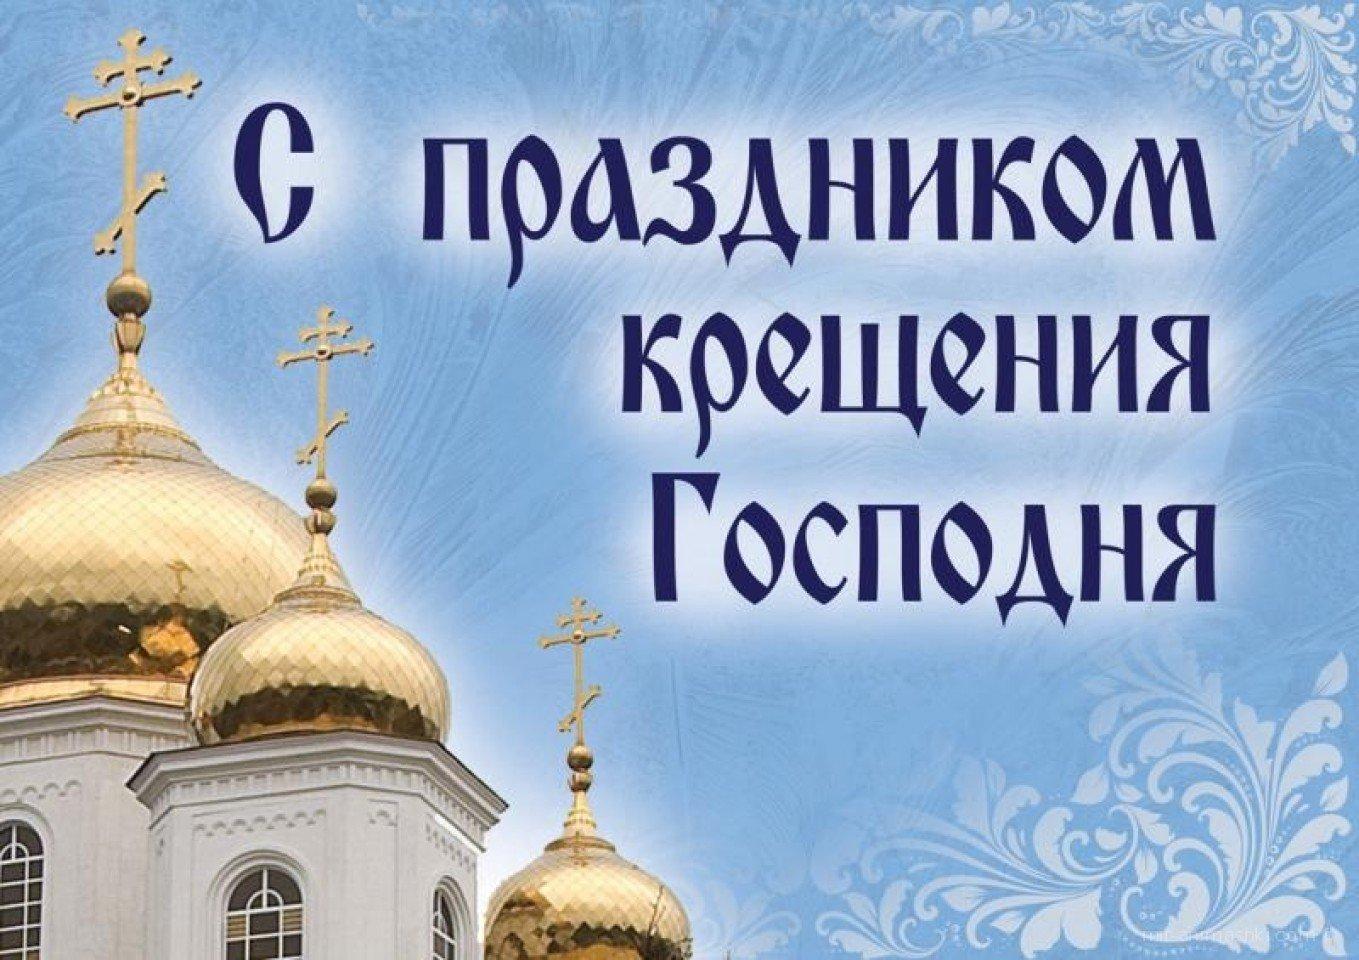 Поздравительные открытки с праздником крещения